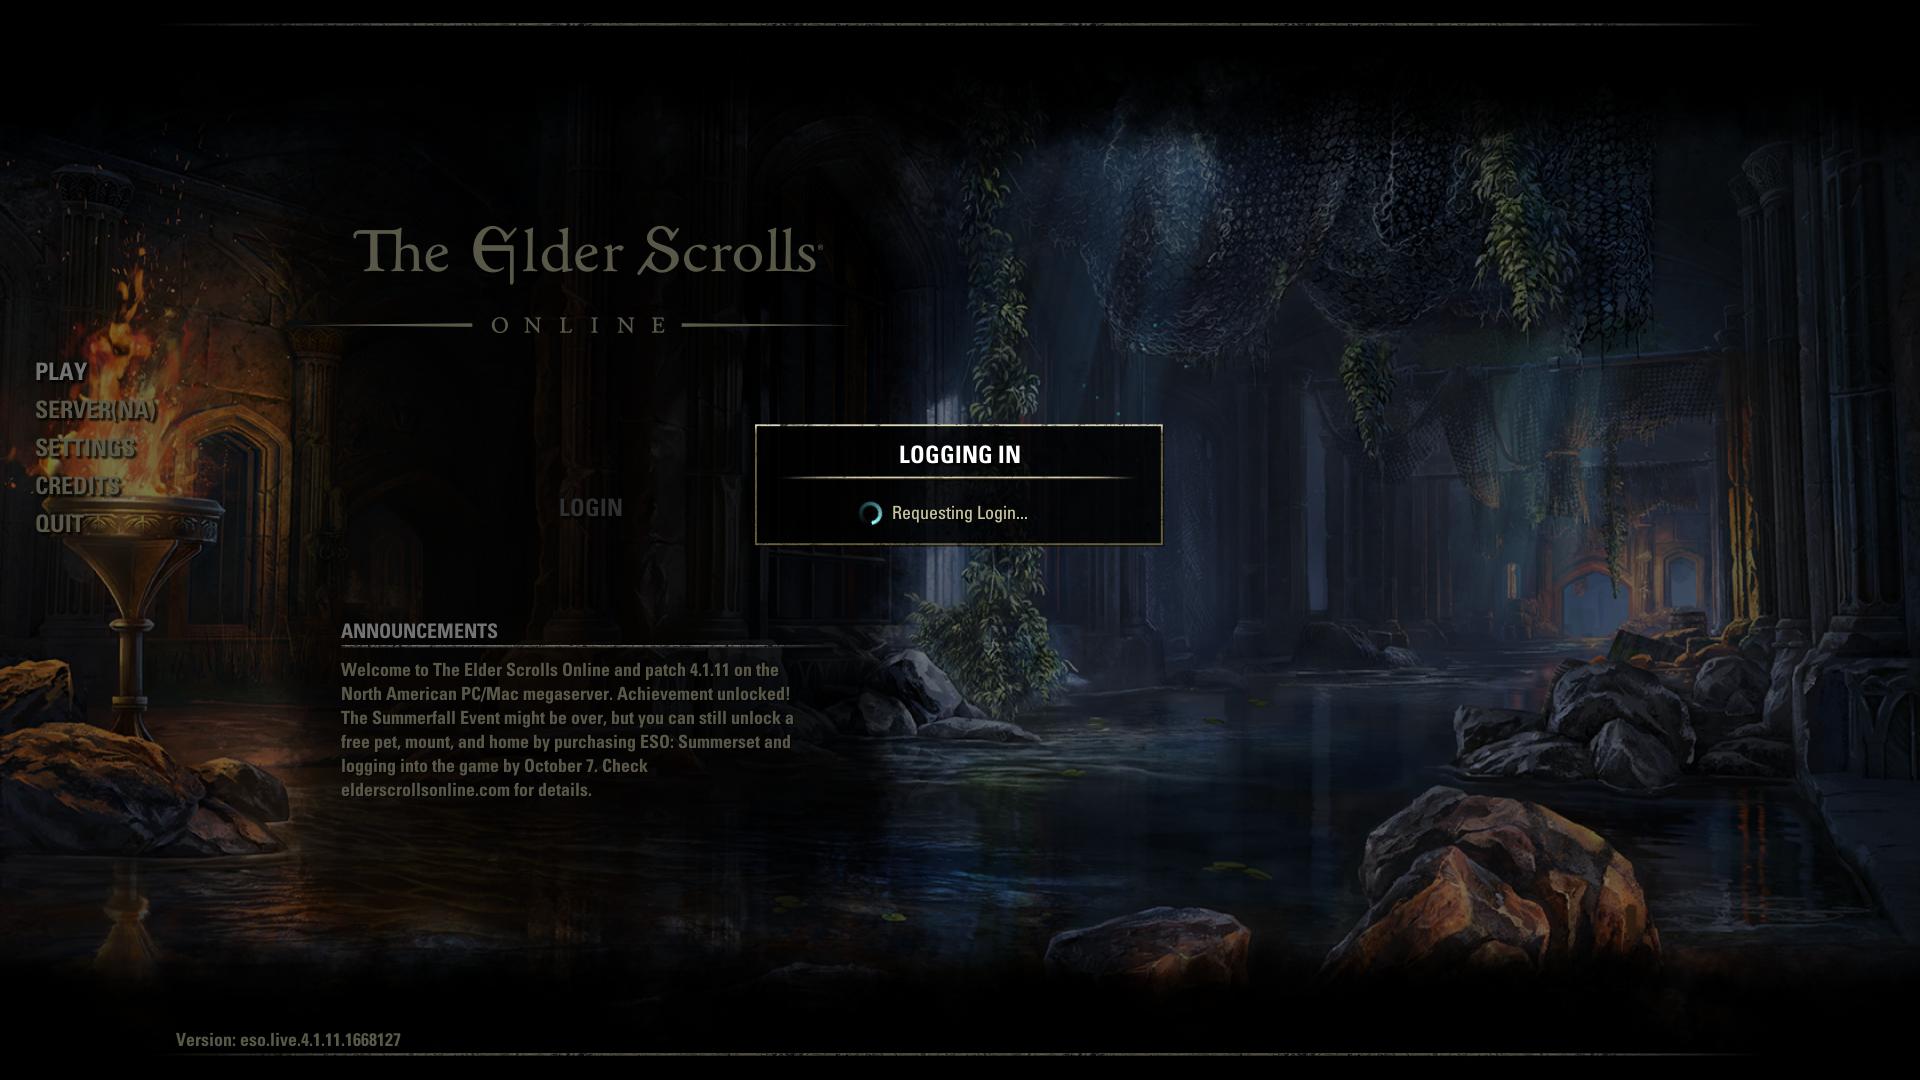 elder scrolls online download stuck